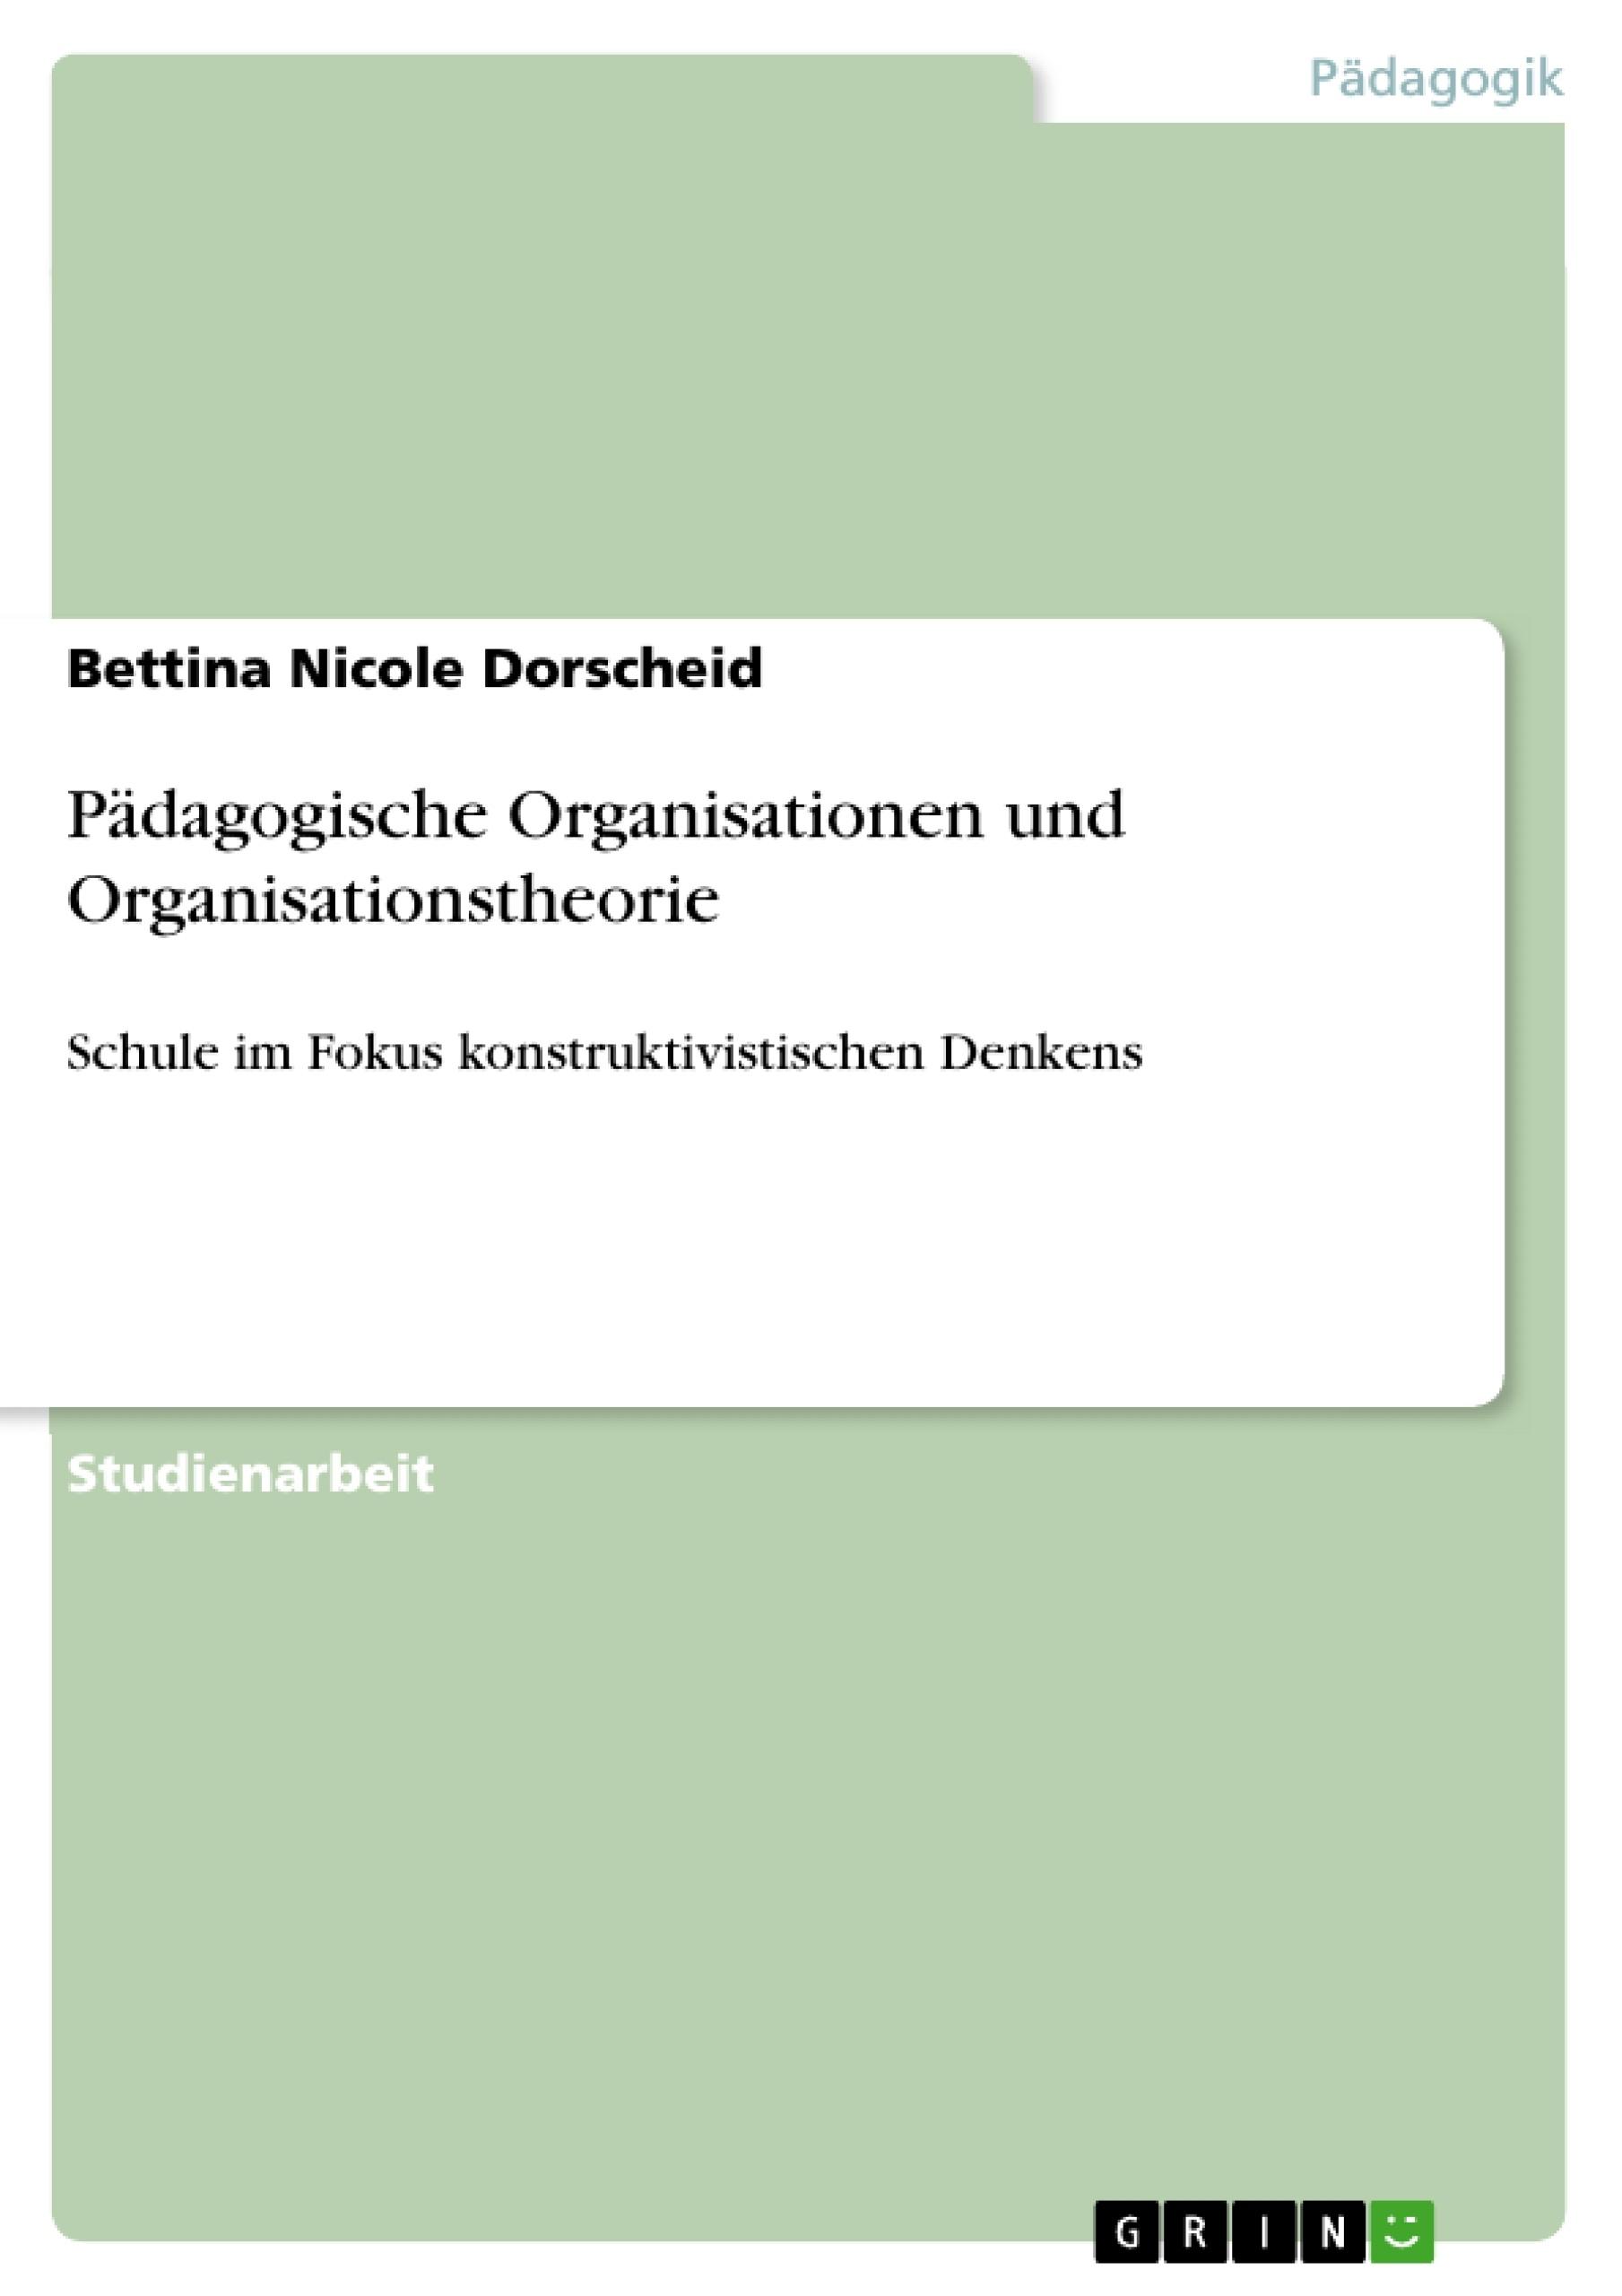 Titel: Pädagogische Organisationen und Organisationstheorie